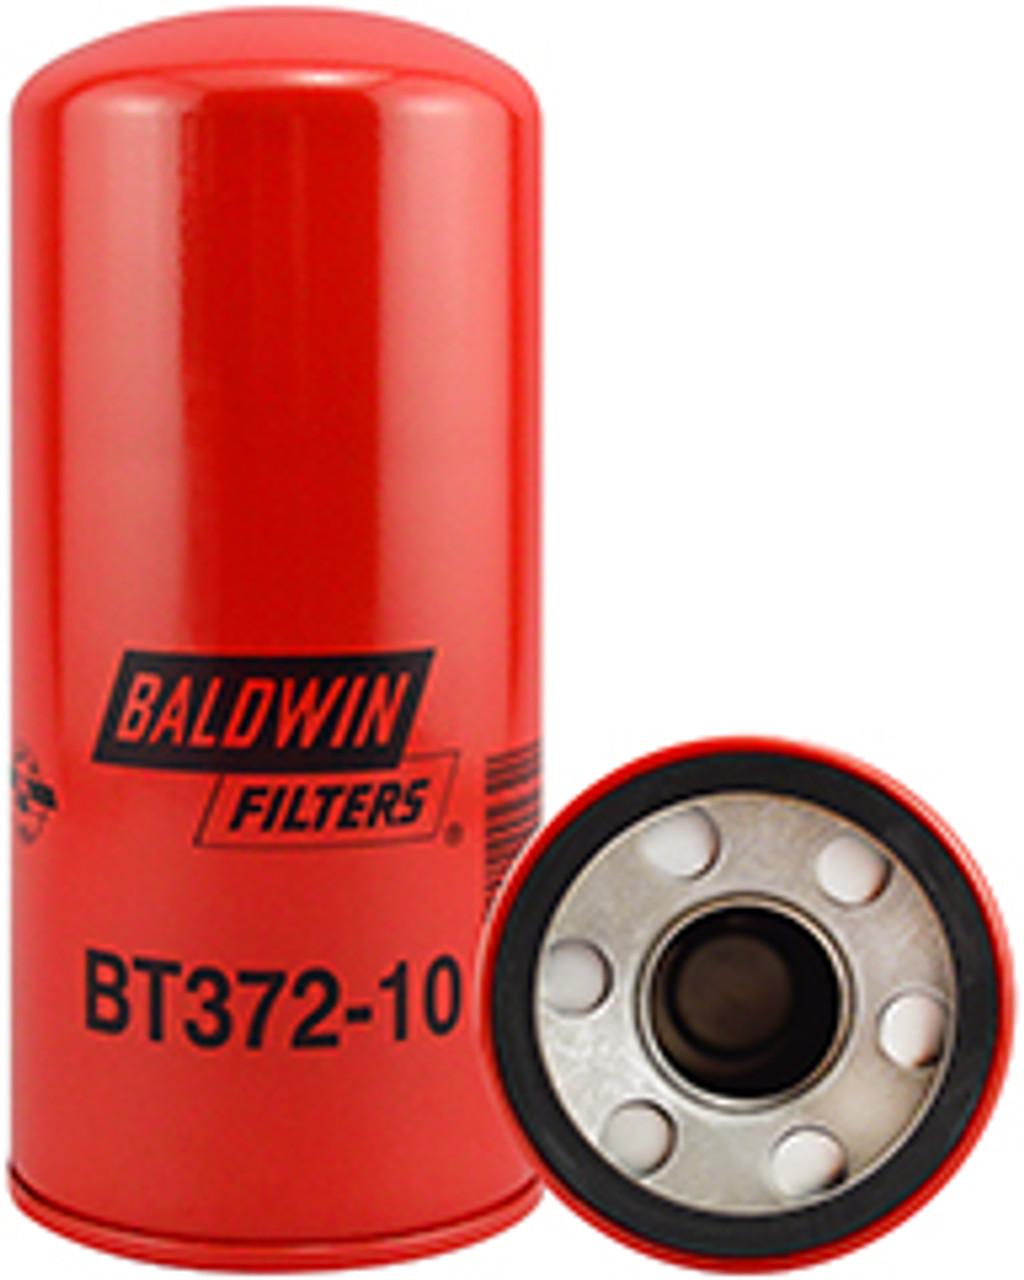 FASS FF-1003 Fuel Filter replacement- Baldwin BT372-10